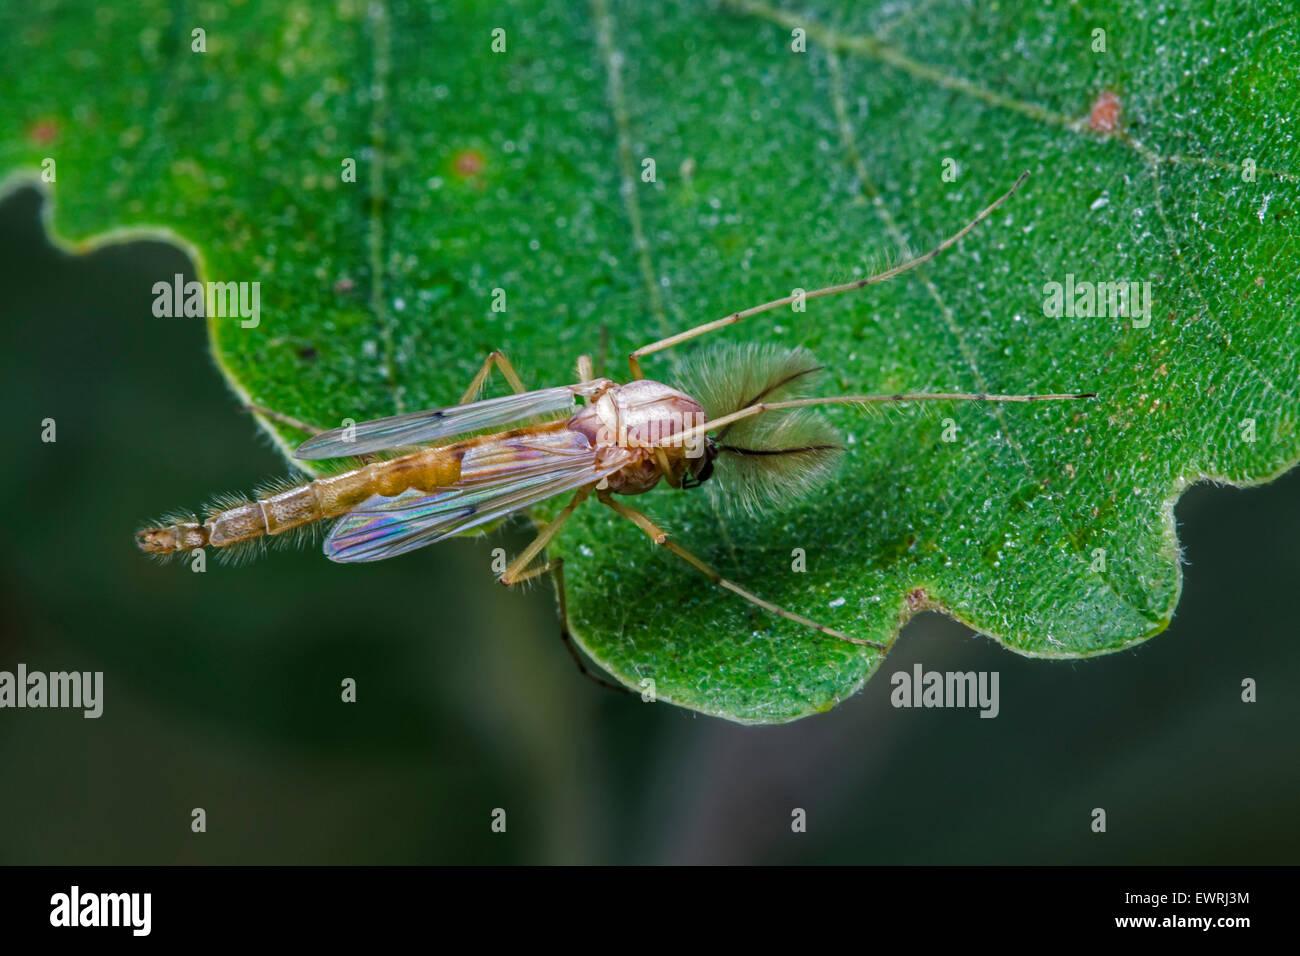 Summer Mücke (Chironomus Plumosus) Arten von nicht-beißen Midge (Chironomidae) auf Eichenblatt Stockbild